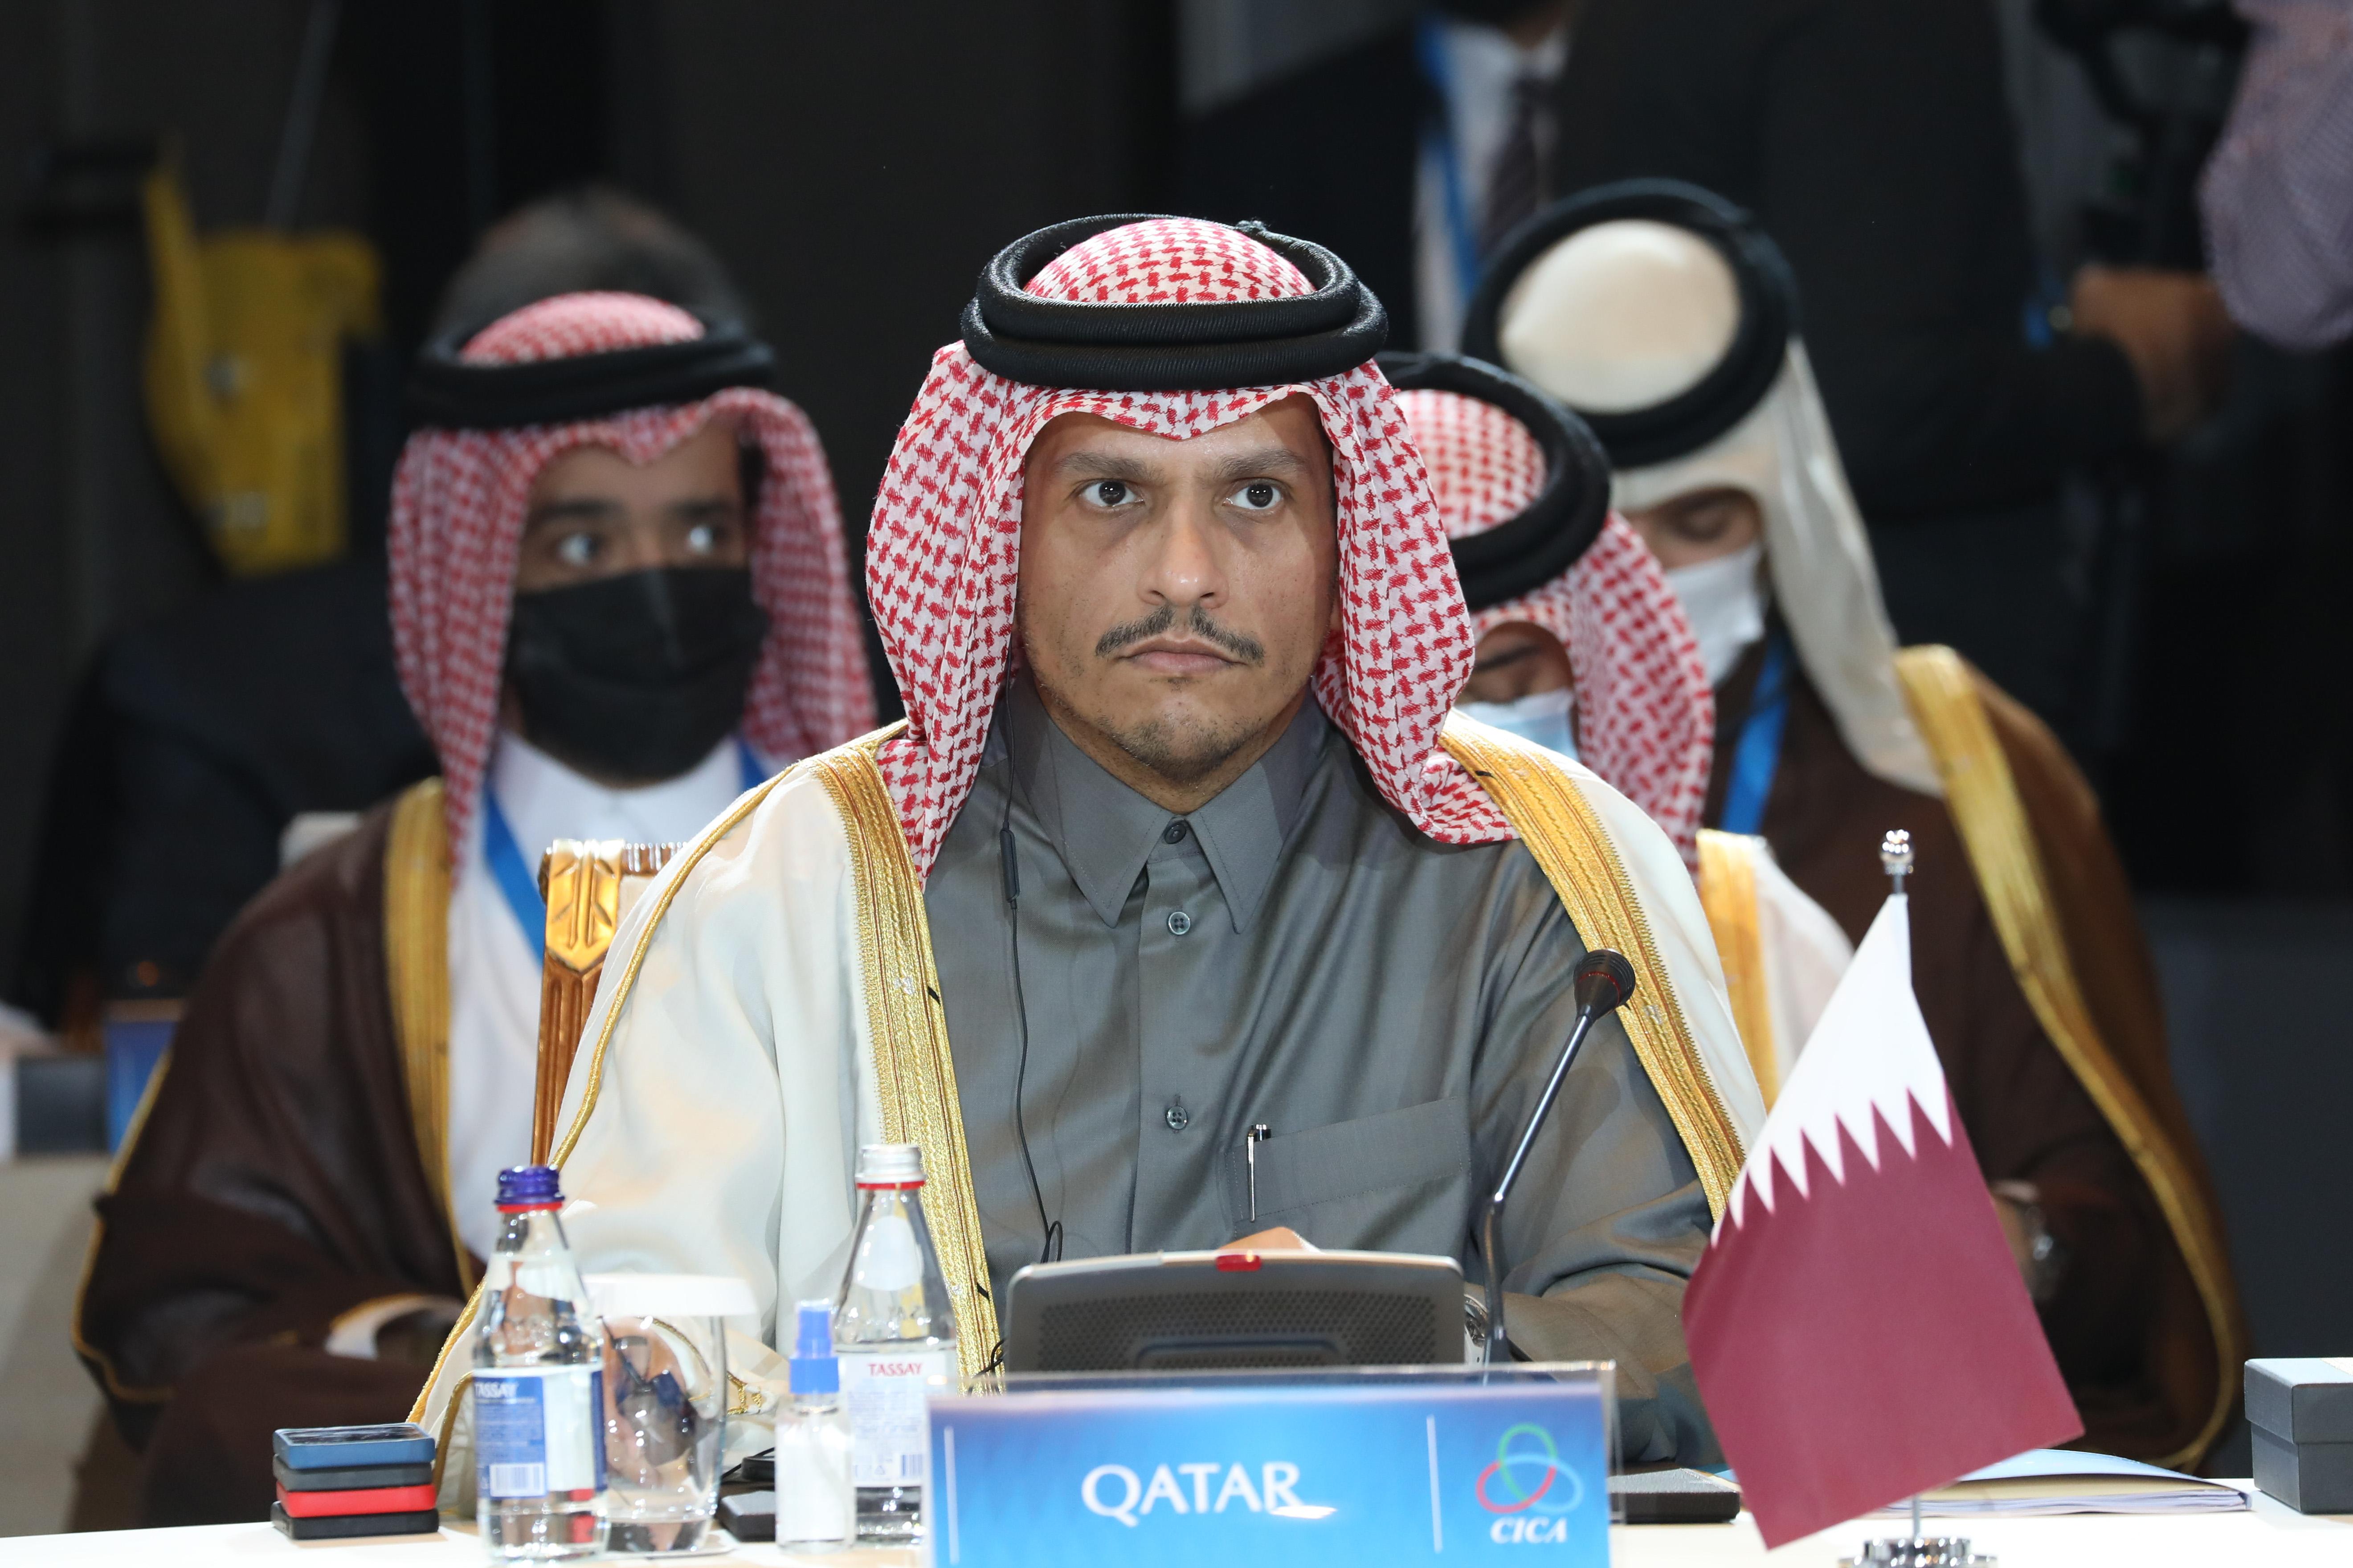 نائب رئيس مجلس الوزراء وزير الخارجية: قطر شريك موثوق به في تحقيق السلام بالمنطقة